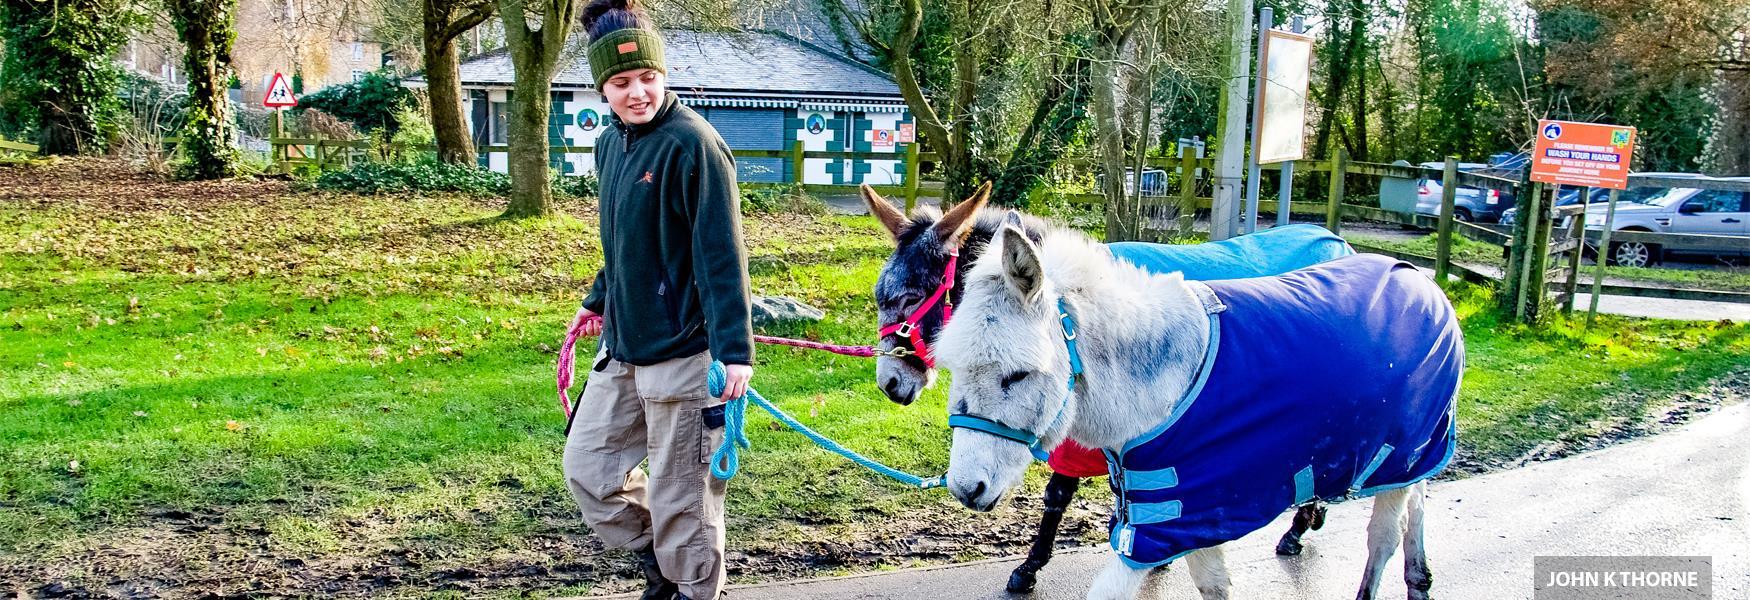 Kent Life Donkeys